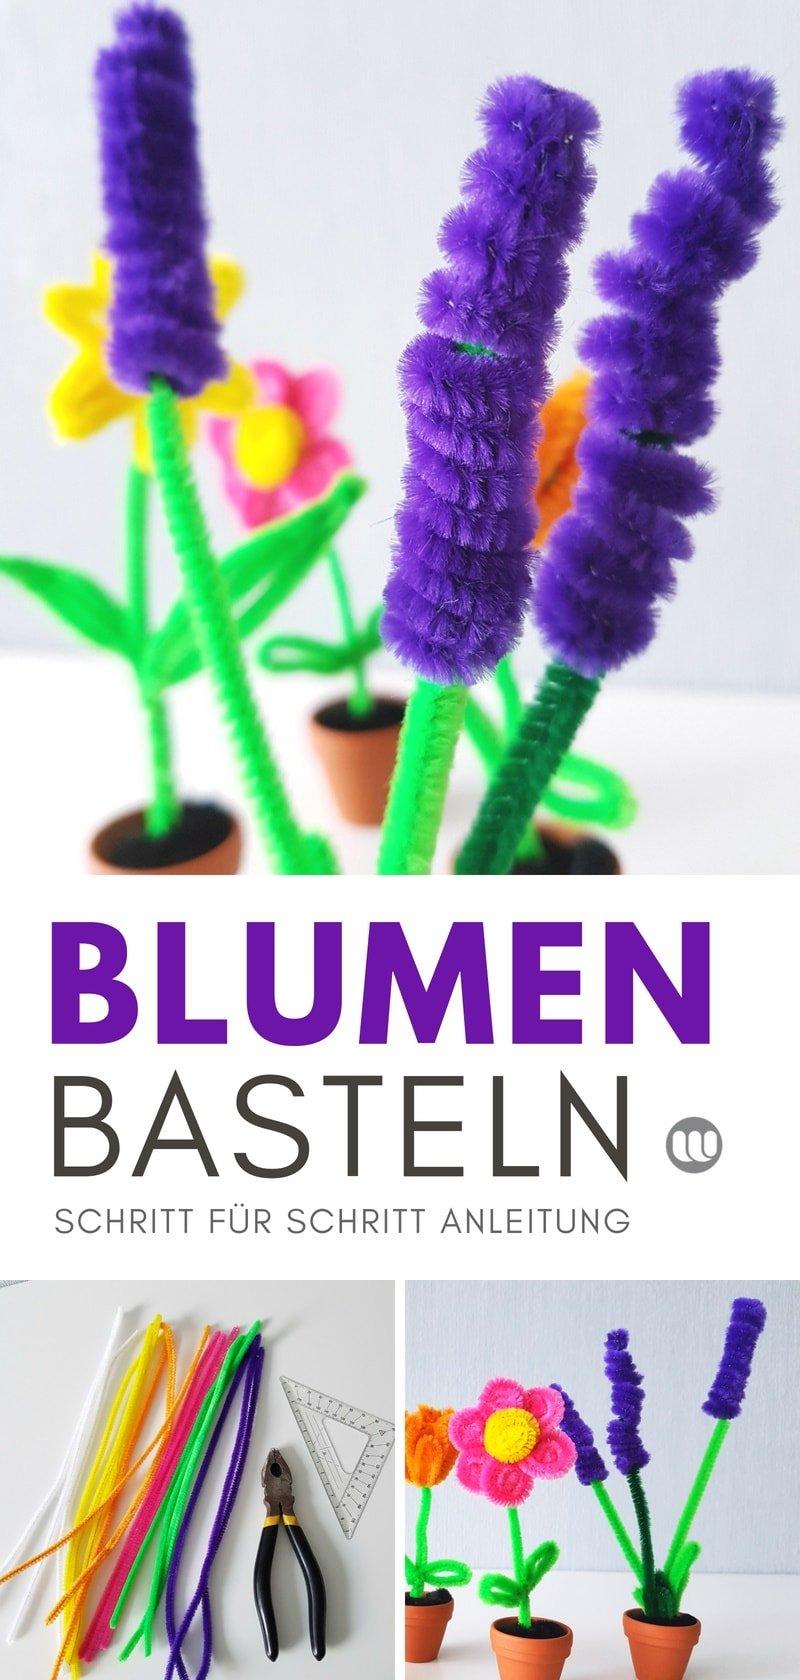 Pfeifenputzer Blumen basteln: Tulpen, Lavendel und Osterglocken